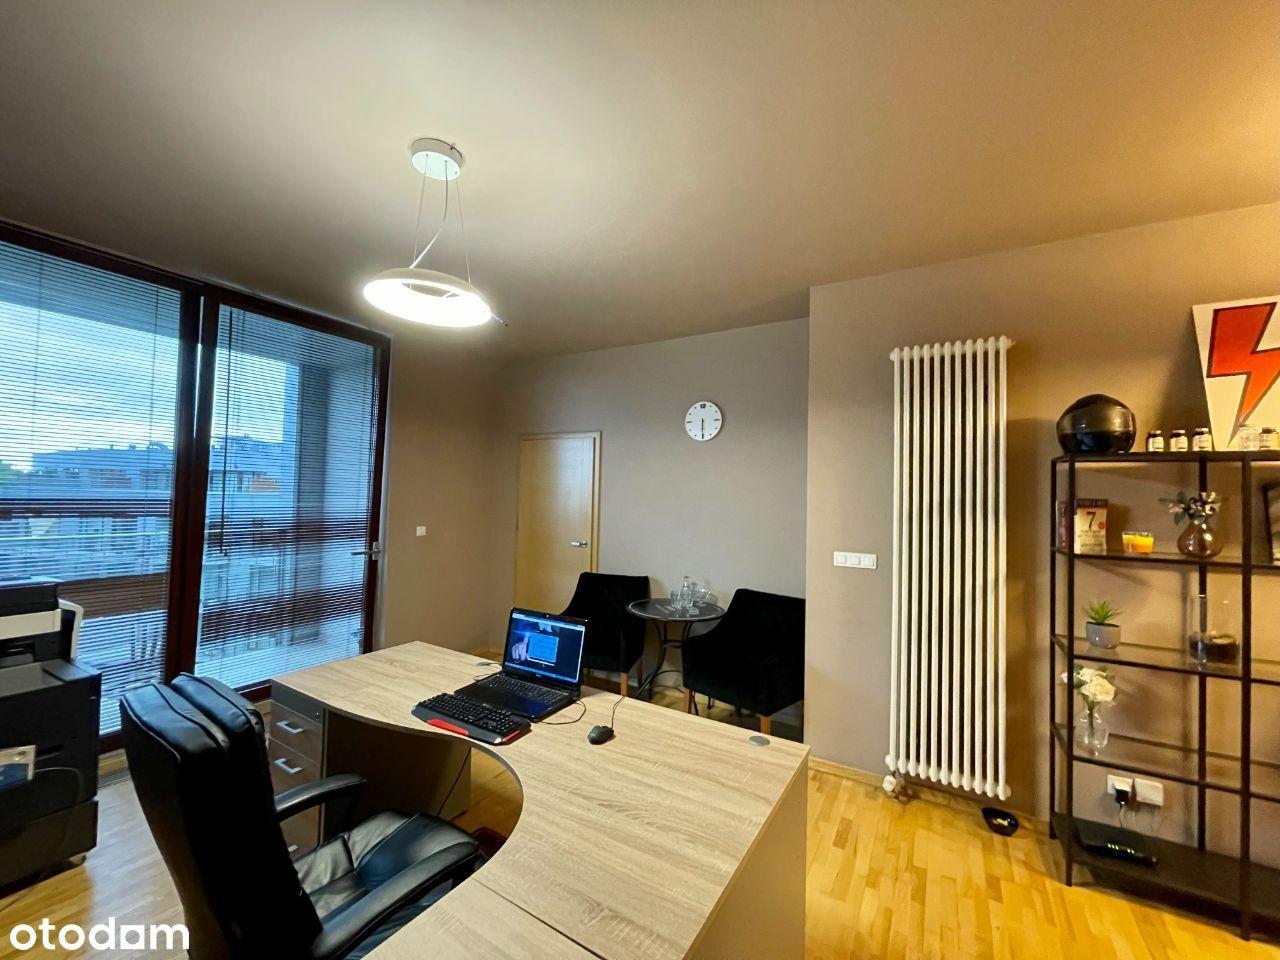 Wyposażone biuro, Triton, 2 Balkony, M3, recepcja!